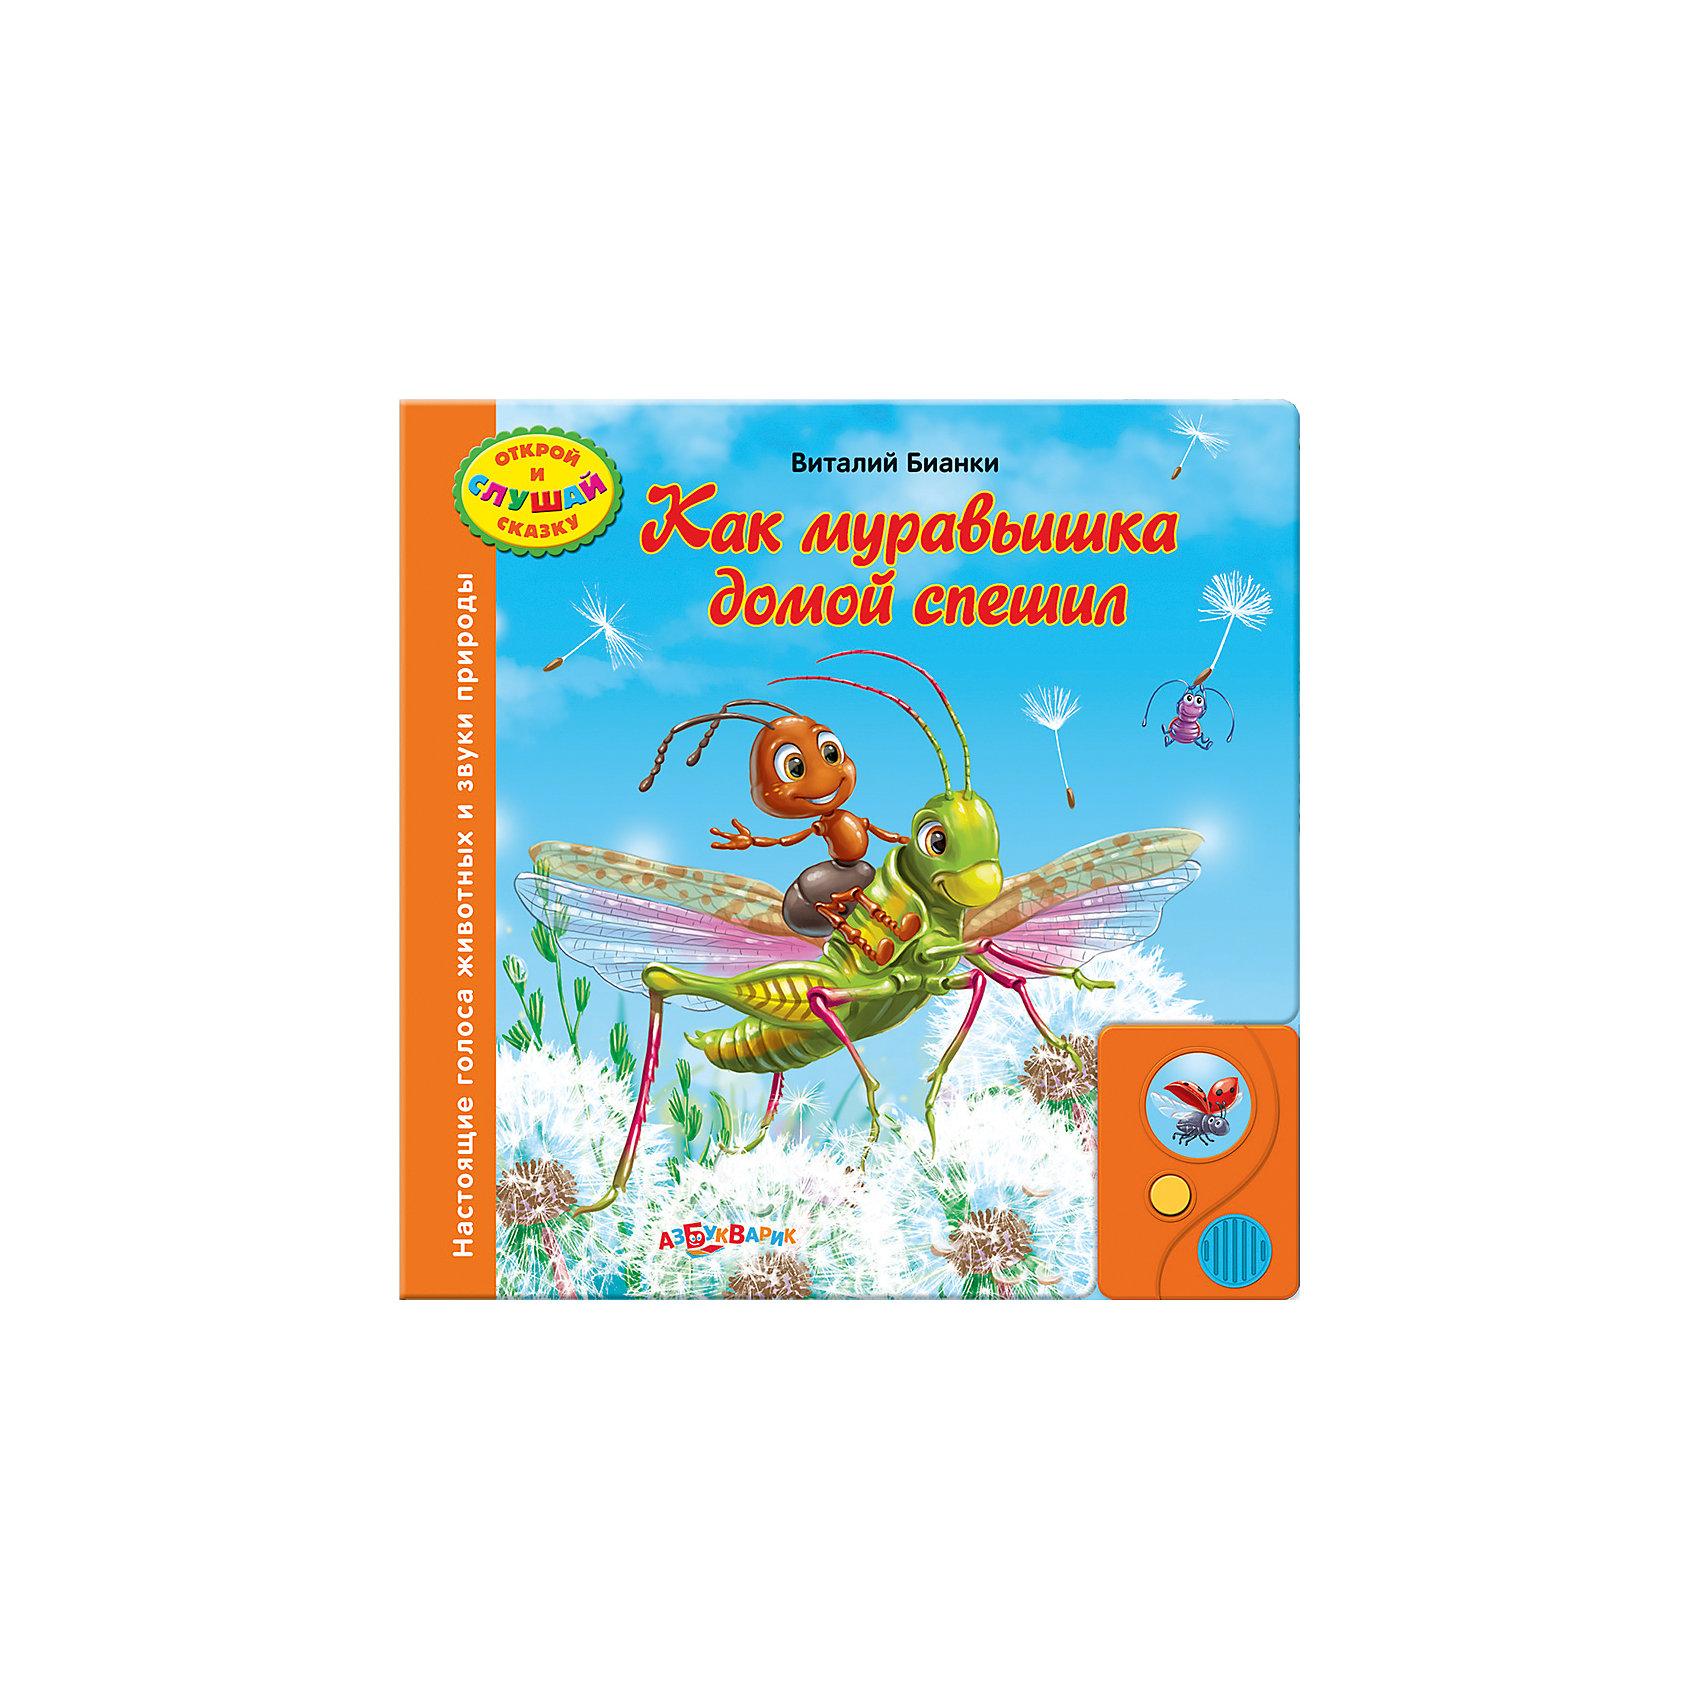 Как муравьишка домой спешилОткрой книгу – и она заговорит! Сказка В. Бианки Как муравьишка домой спешил озвучена по ролям профессиональными актерами, оживлена настоящими голосами животных и звуками природы. Издание дополнено красочными иллюстрациями, имеет твердые картонные странички, которые удобно переворачивать даже самым юным читателям. <br><br>Дополнительная информация:<br>  <br>- Автор: В. Бианки.<br>- Переплет: картон.<br>- Формат: 21,6х21,6 см.<br>- Количество страниц: 10.<br>- Иллюстрации: цветные. <br>- Элемент питания: батарейки  AG13/LR44 (в комплекте).<br><br>Книгу Как муравьишка домой спешил можно купить в нашем магазине.<br><br>Ширина мм: 215<br>Глубина мм: 150<br>Высота мм: 20<br>Вес г: 433<br>Возраст от месяцев: 24<br>Возраст до месяцев: 60<br>Пол: Унисекс<br>Возраст: Детский<br>SKU: 4603716